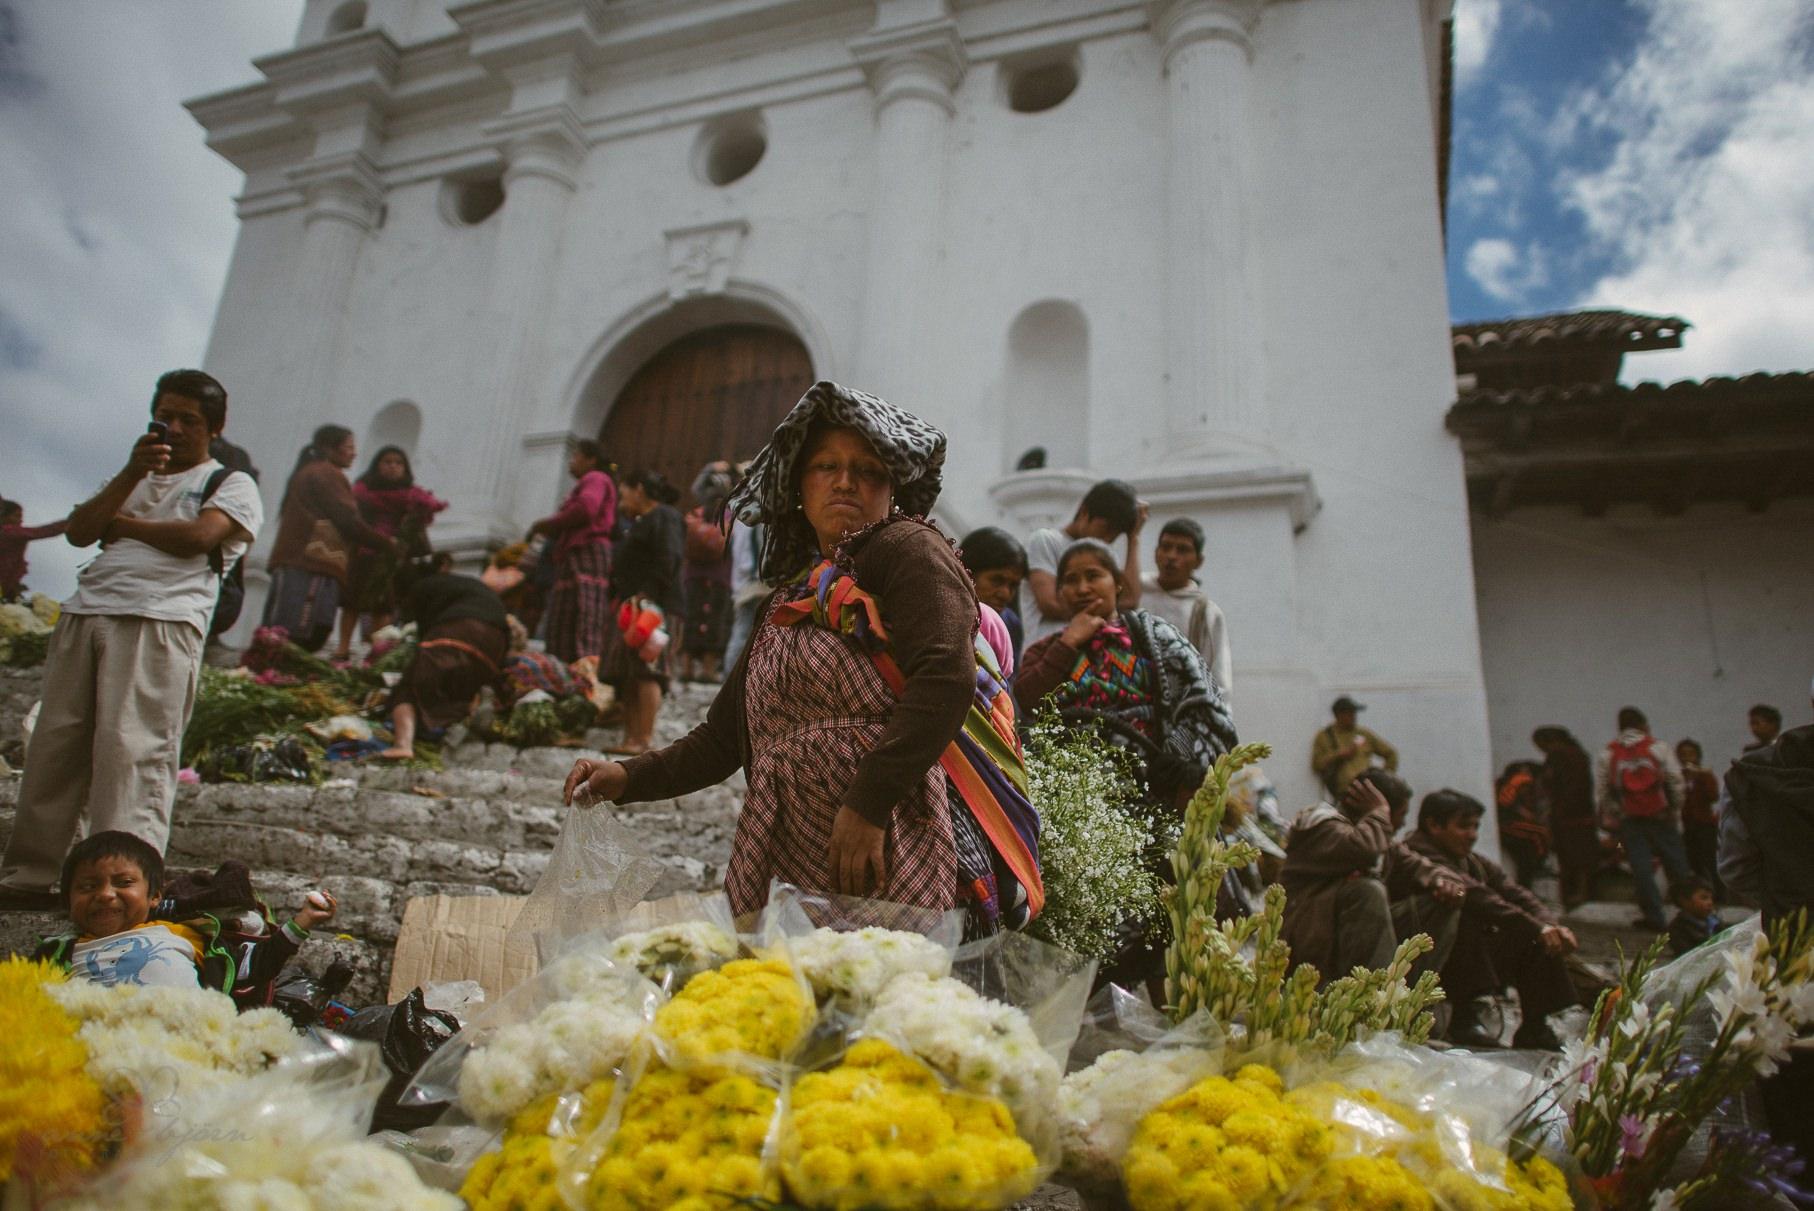 0149 anne und bjoern guatemala d75 2734 - 4 Wochen durch Guatemala - backpacking durch Mittelamerika